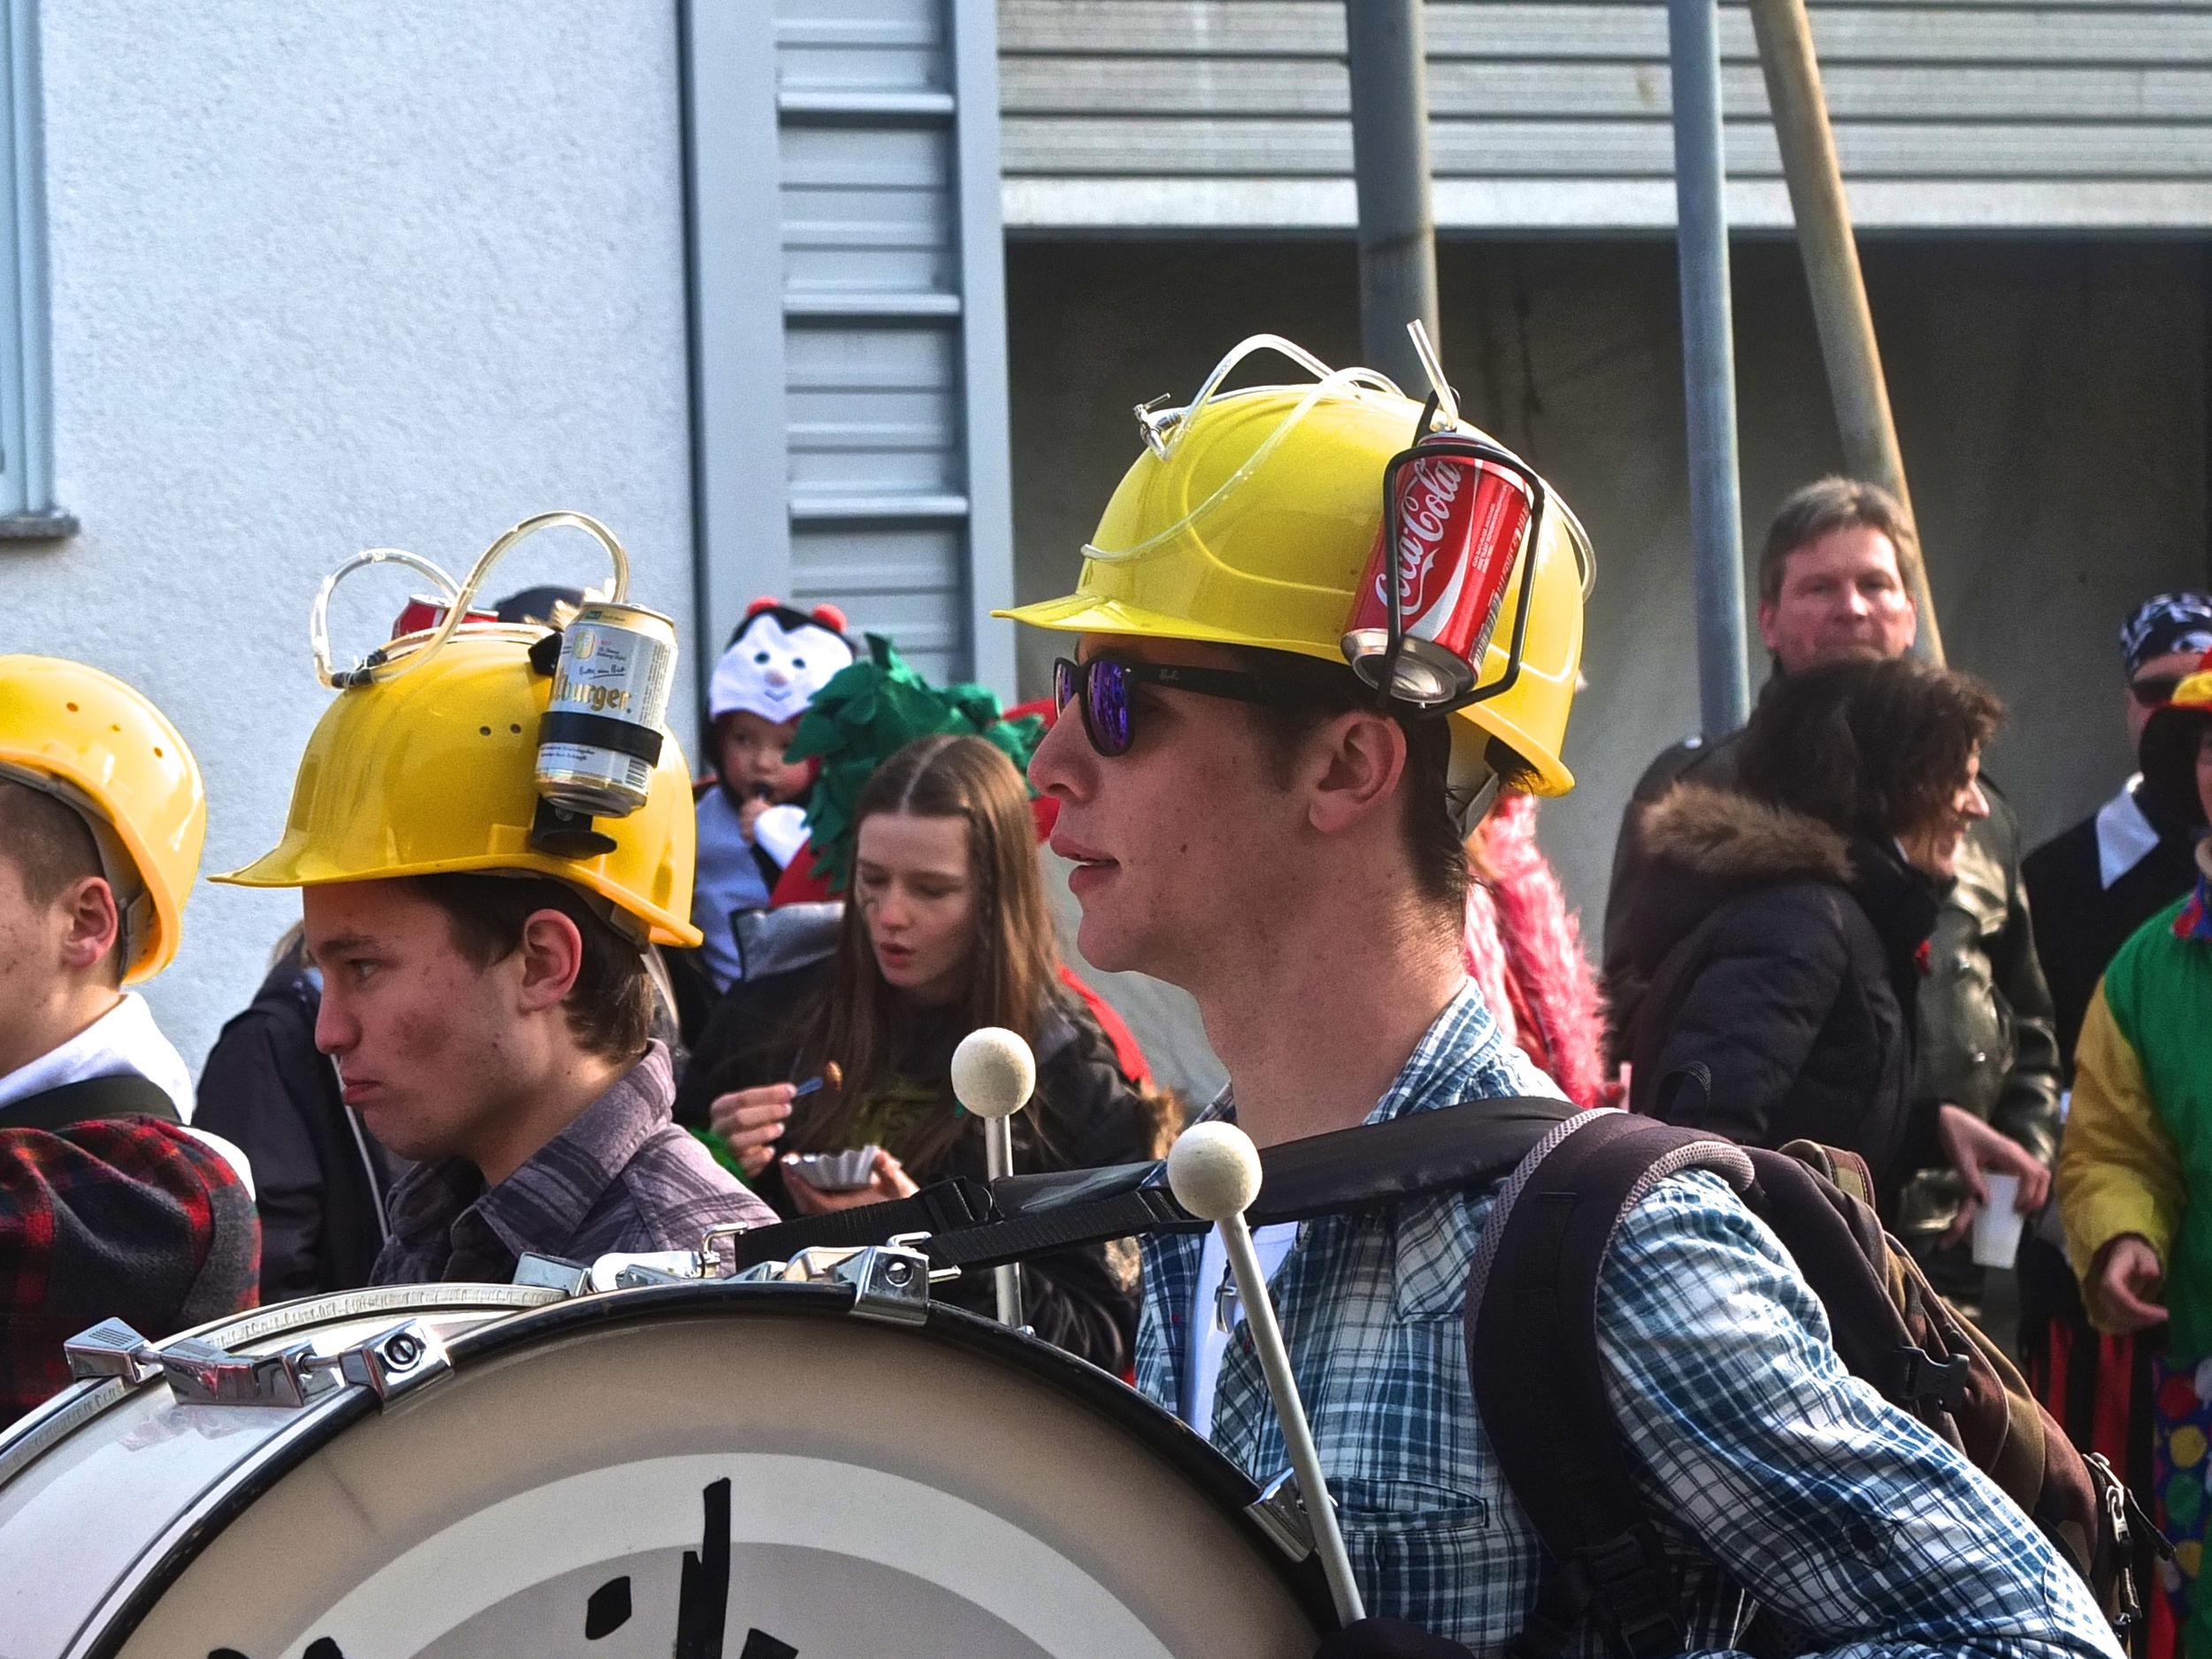 Trier-Irsch-Umzug-1502201521.jpg